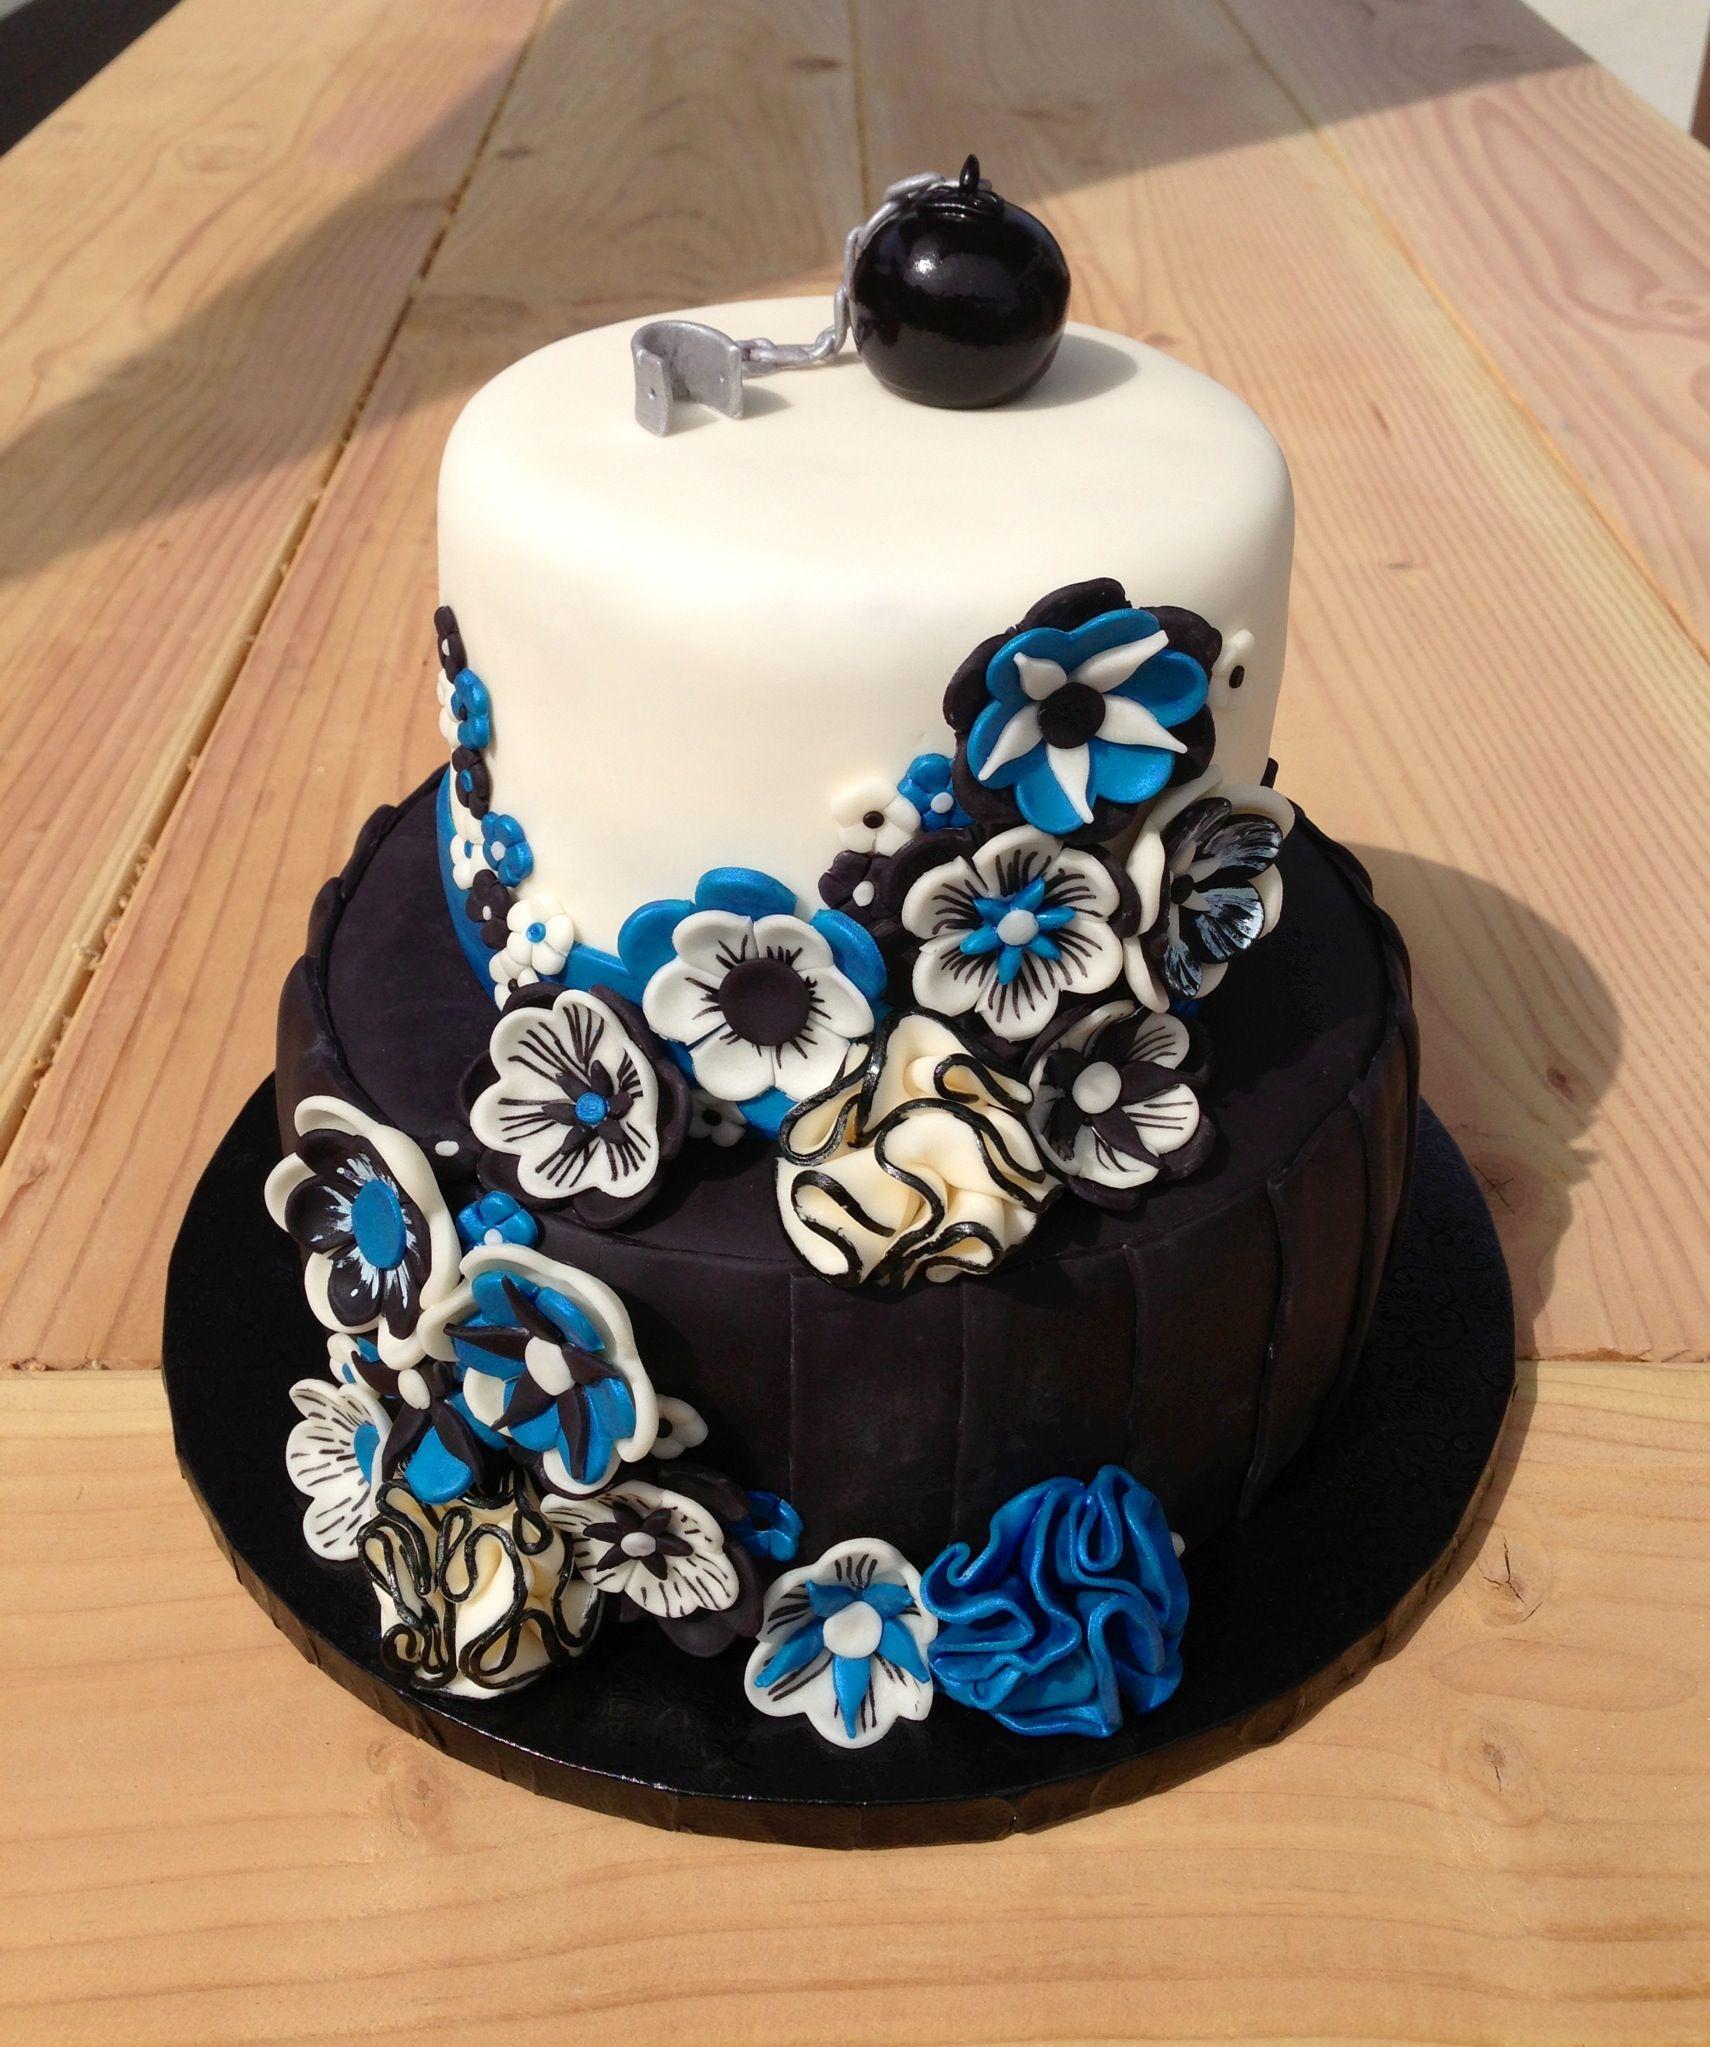 Blue and black wedding decor  Black white and blue wedding cake  Wedding Ideas  Pinterest